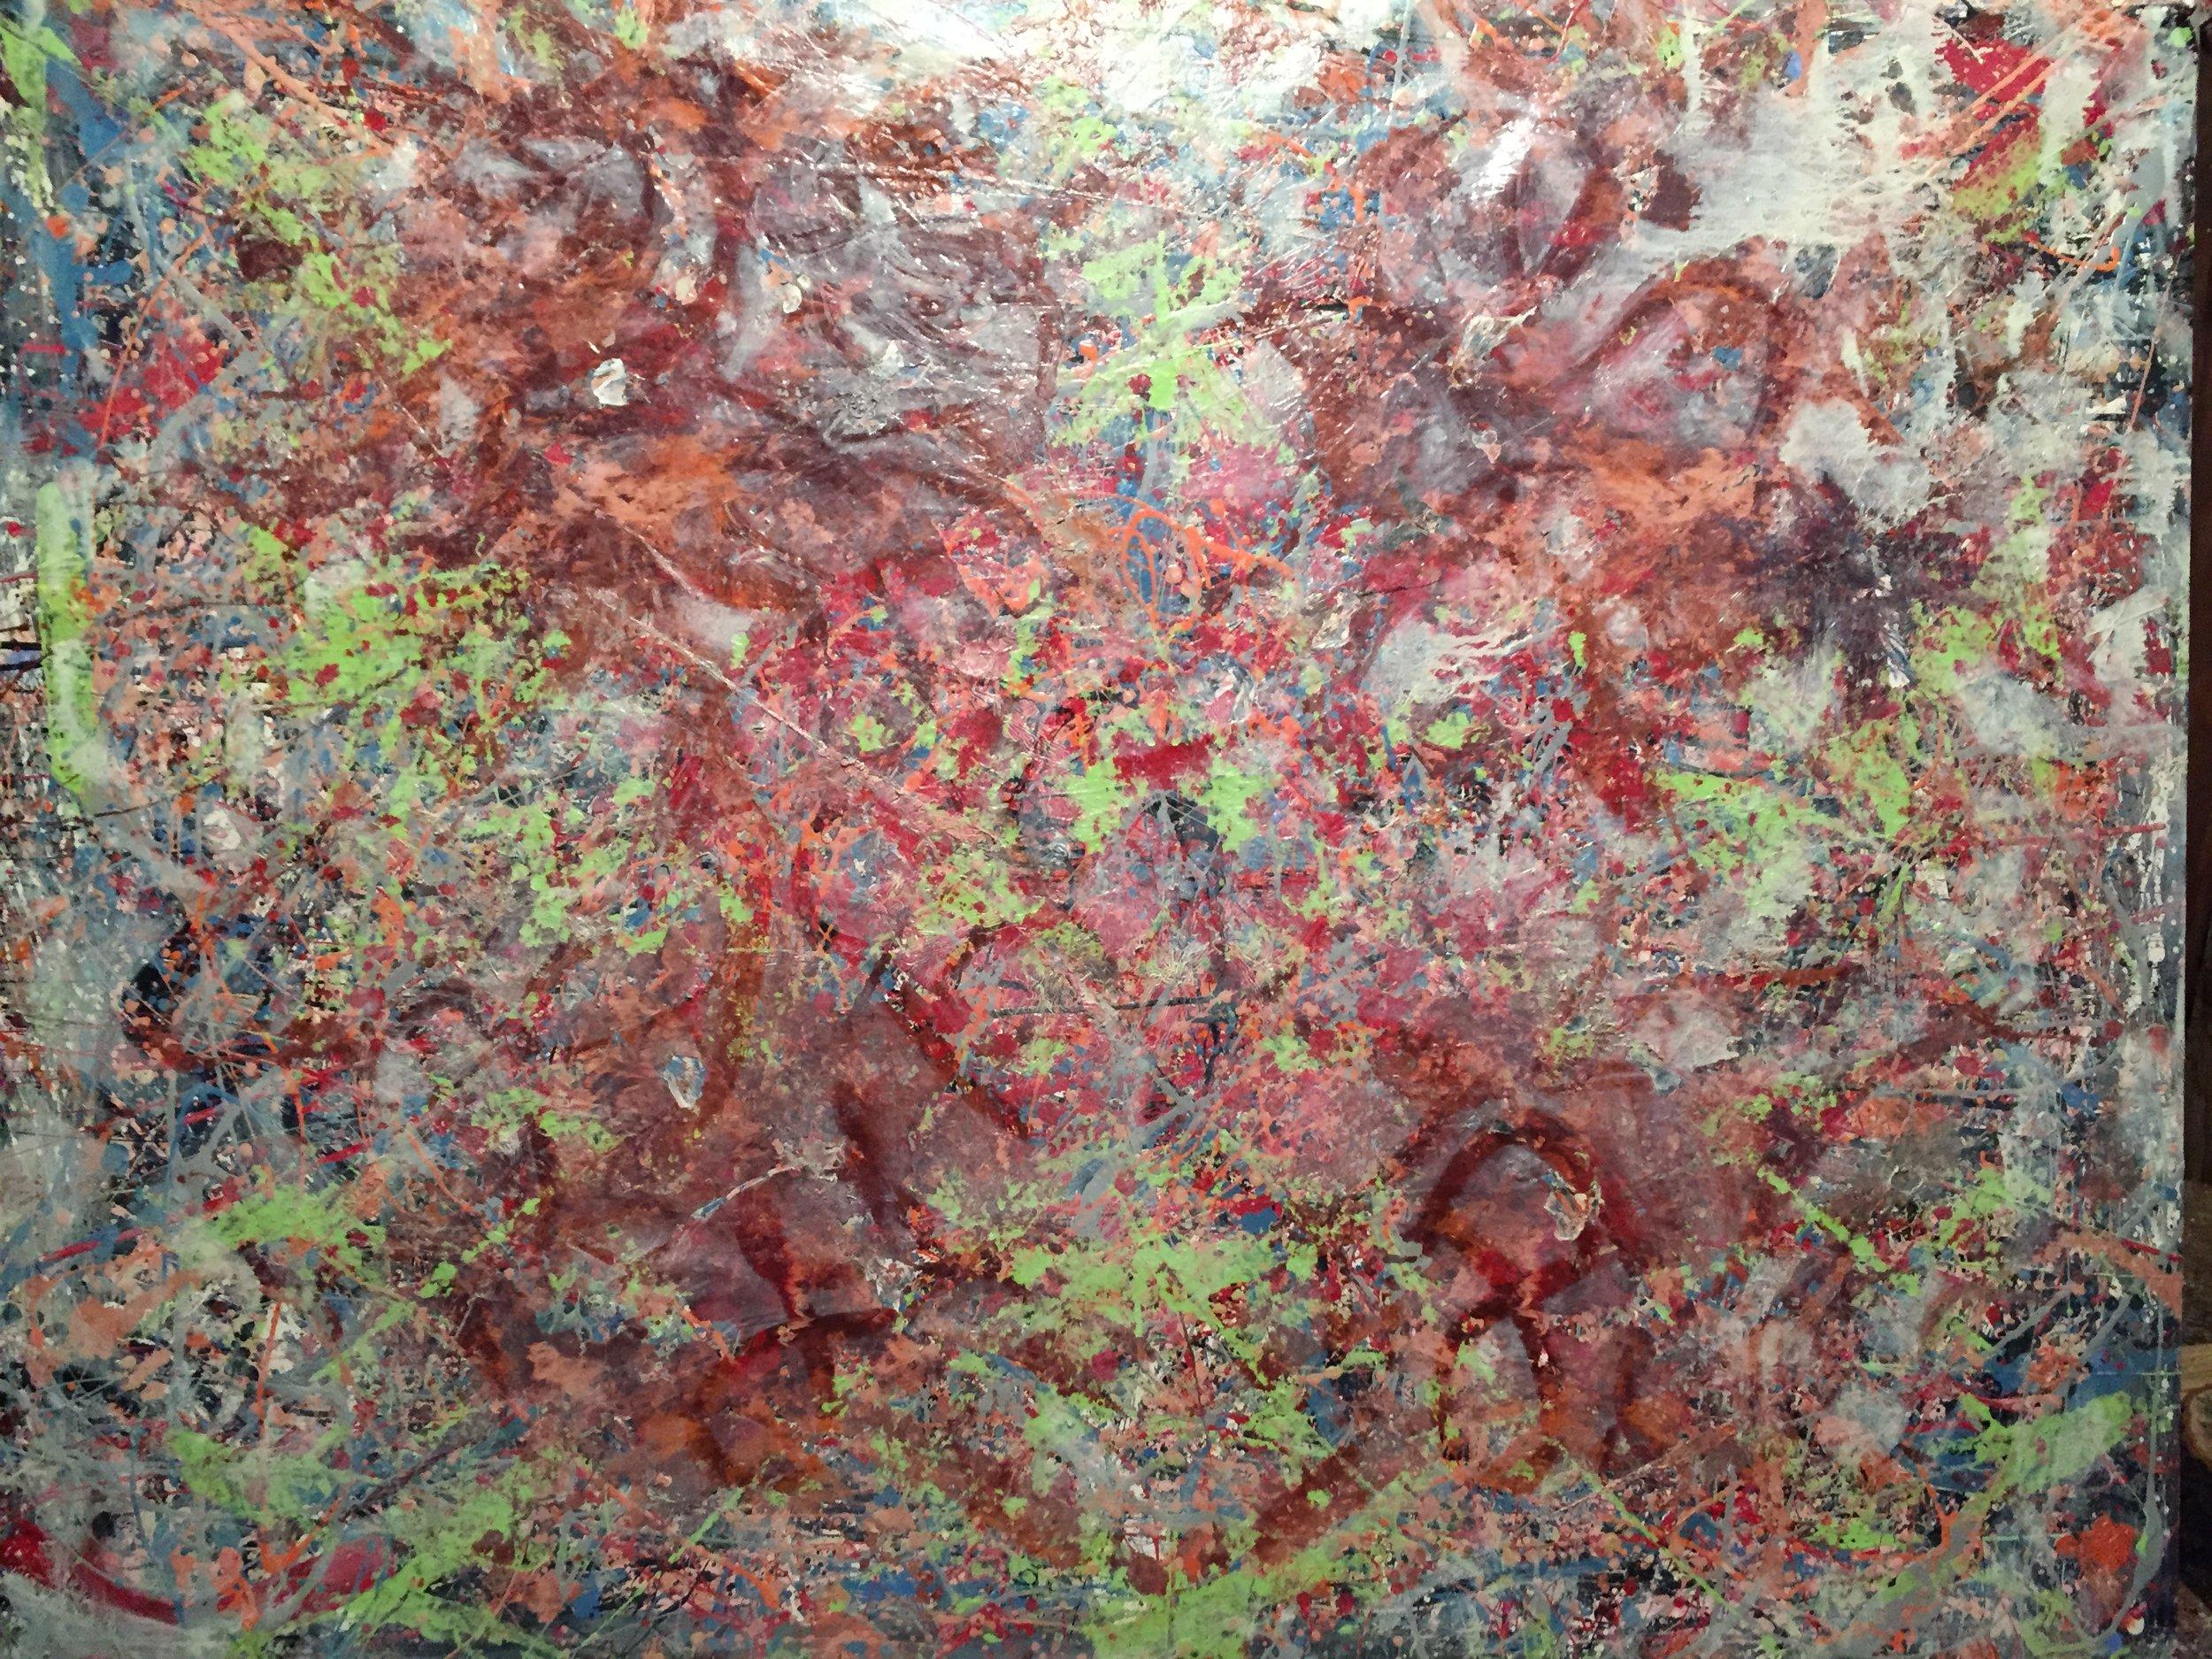 No. 8 In the Mist, F80 145 cm x 112 cm / 50,000 yen